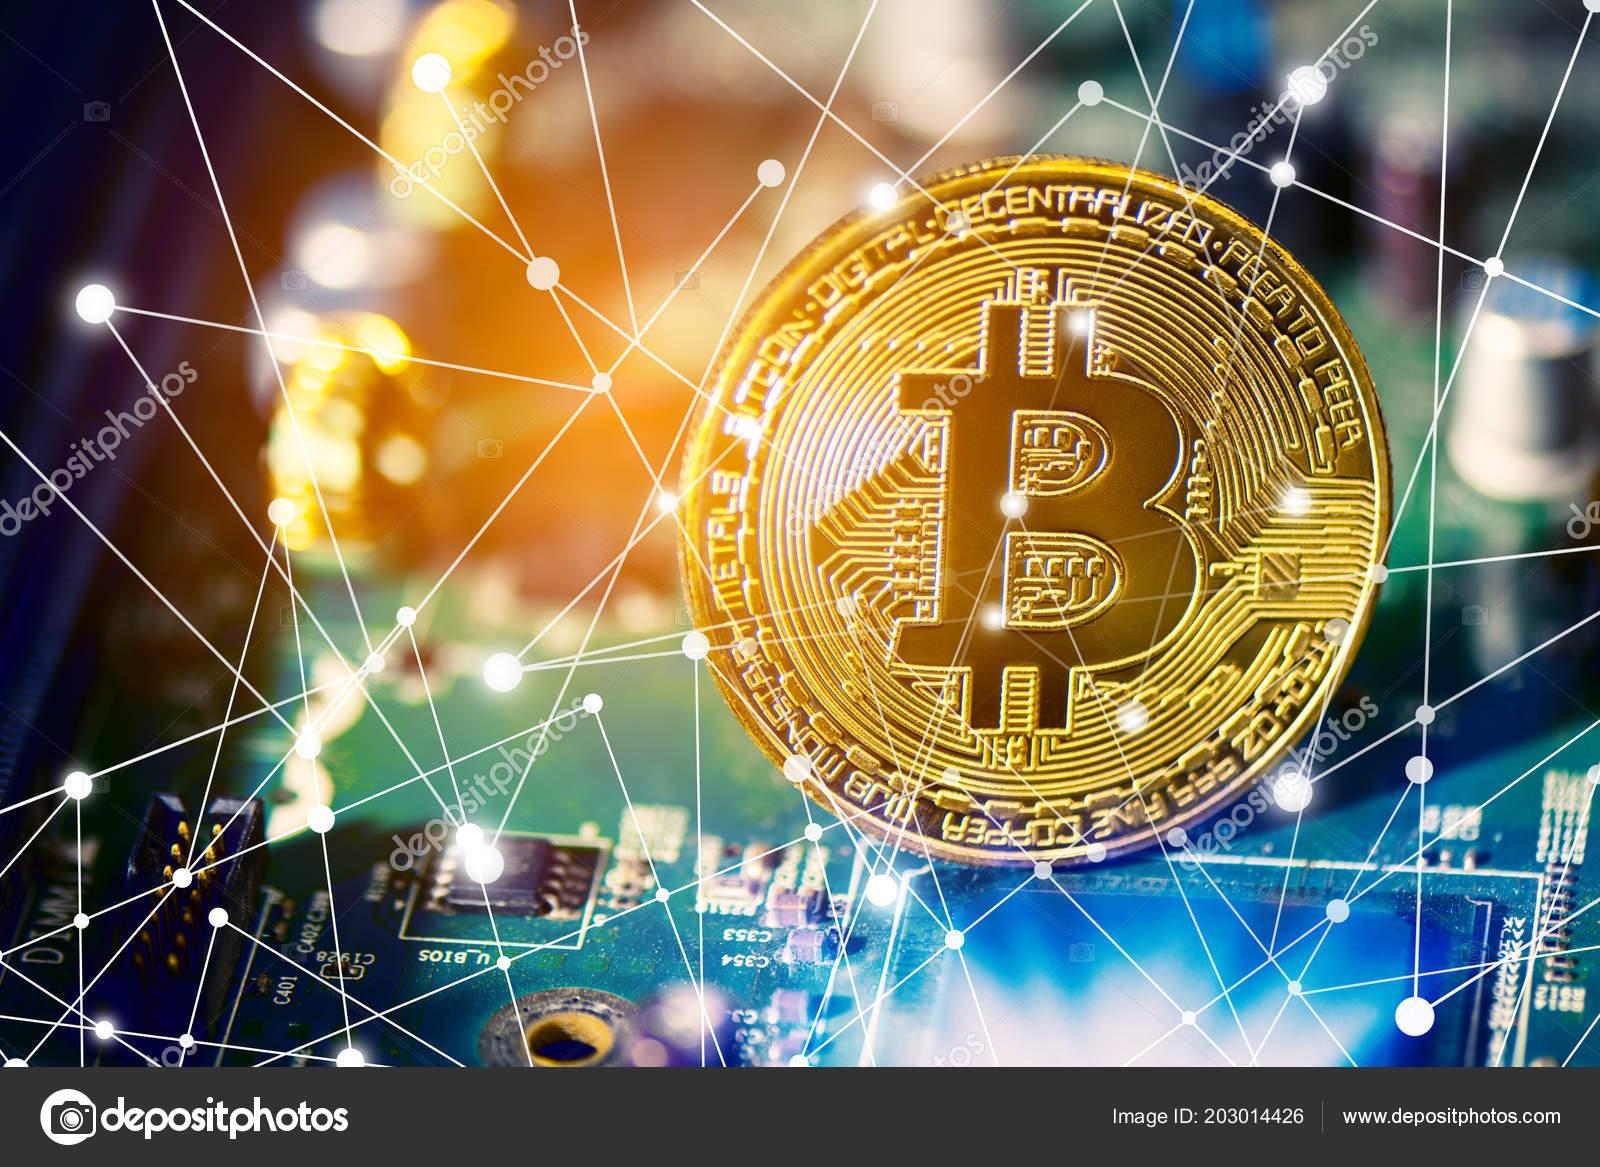 ηλεκτρονικο χρημα bitcoin